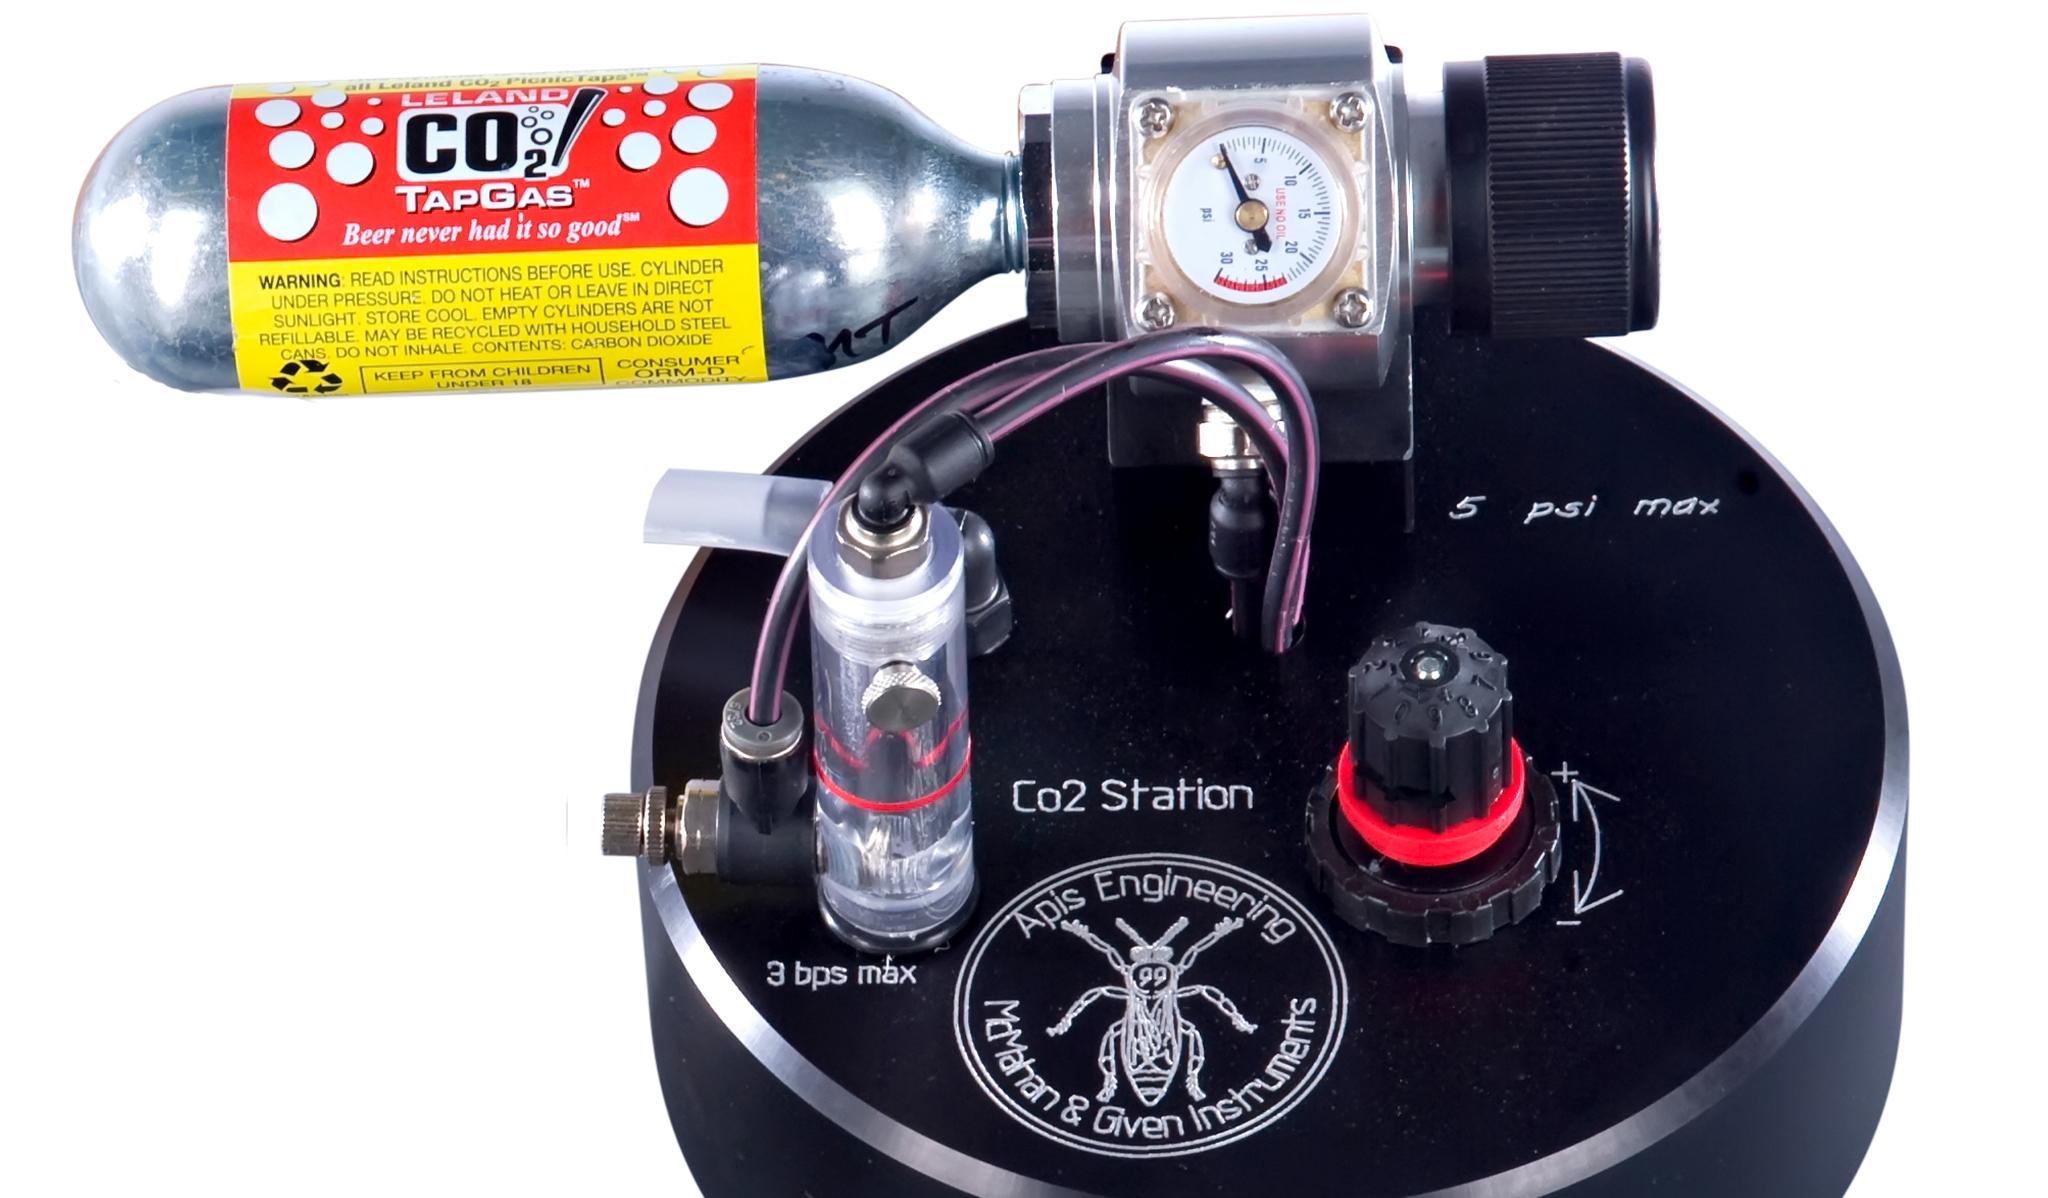 CO2 Station